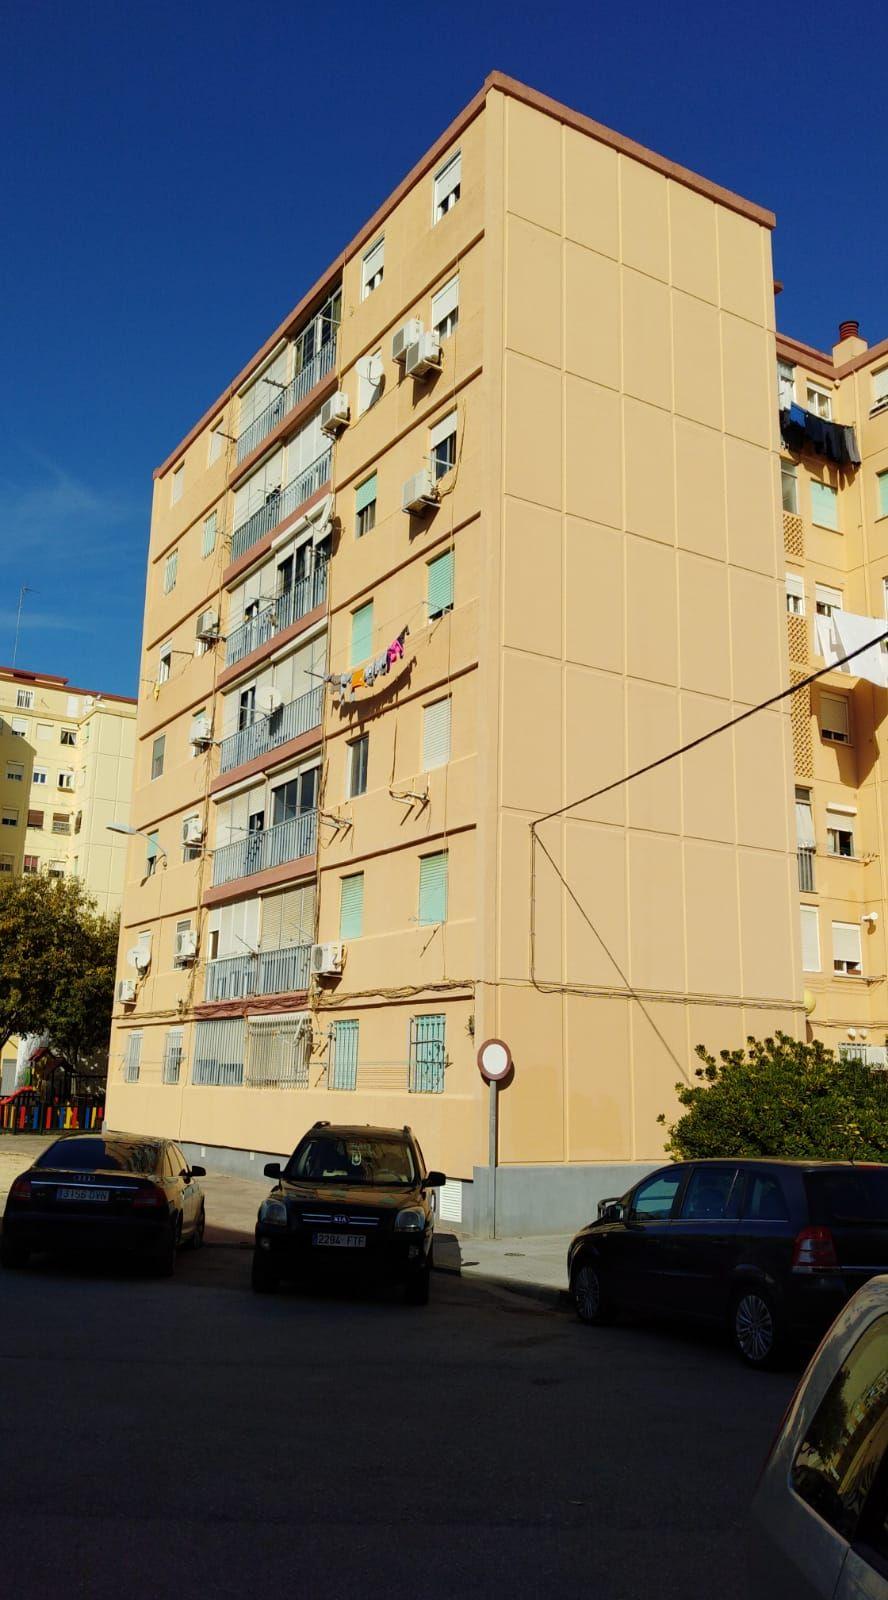 Piso en venta en San Fernando, Cádiz, Calle Servando Camuñez, 89.900 €, 3 habitaciones, 1 baño, 82 m2